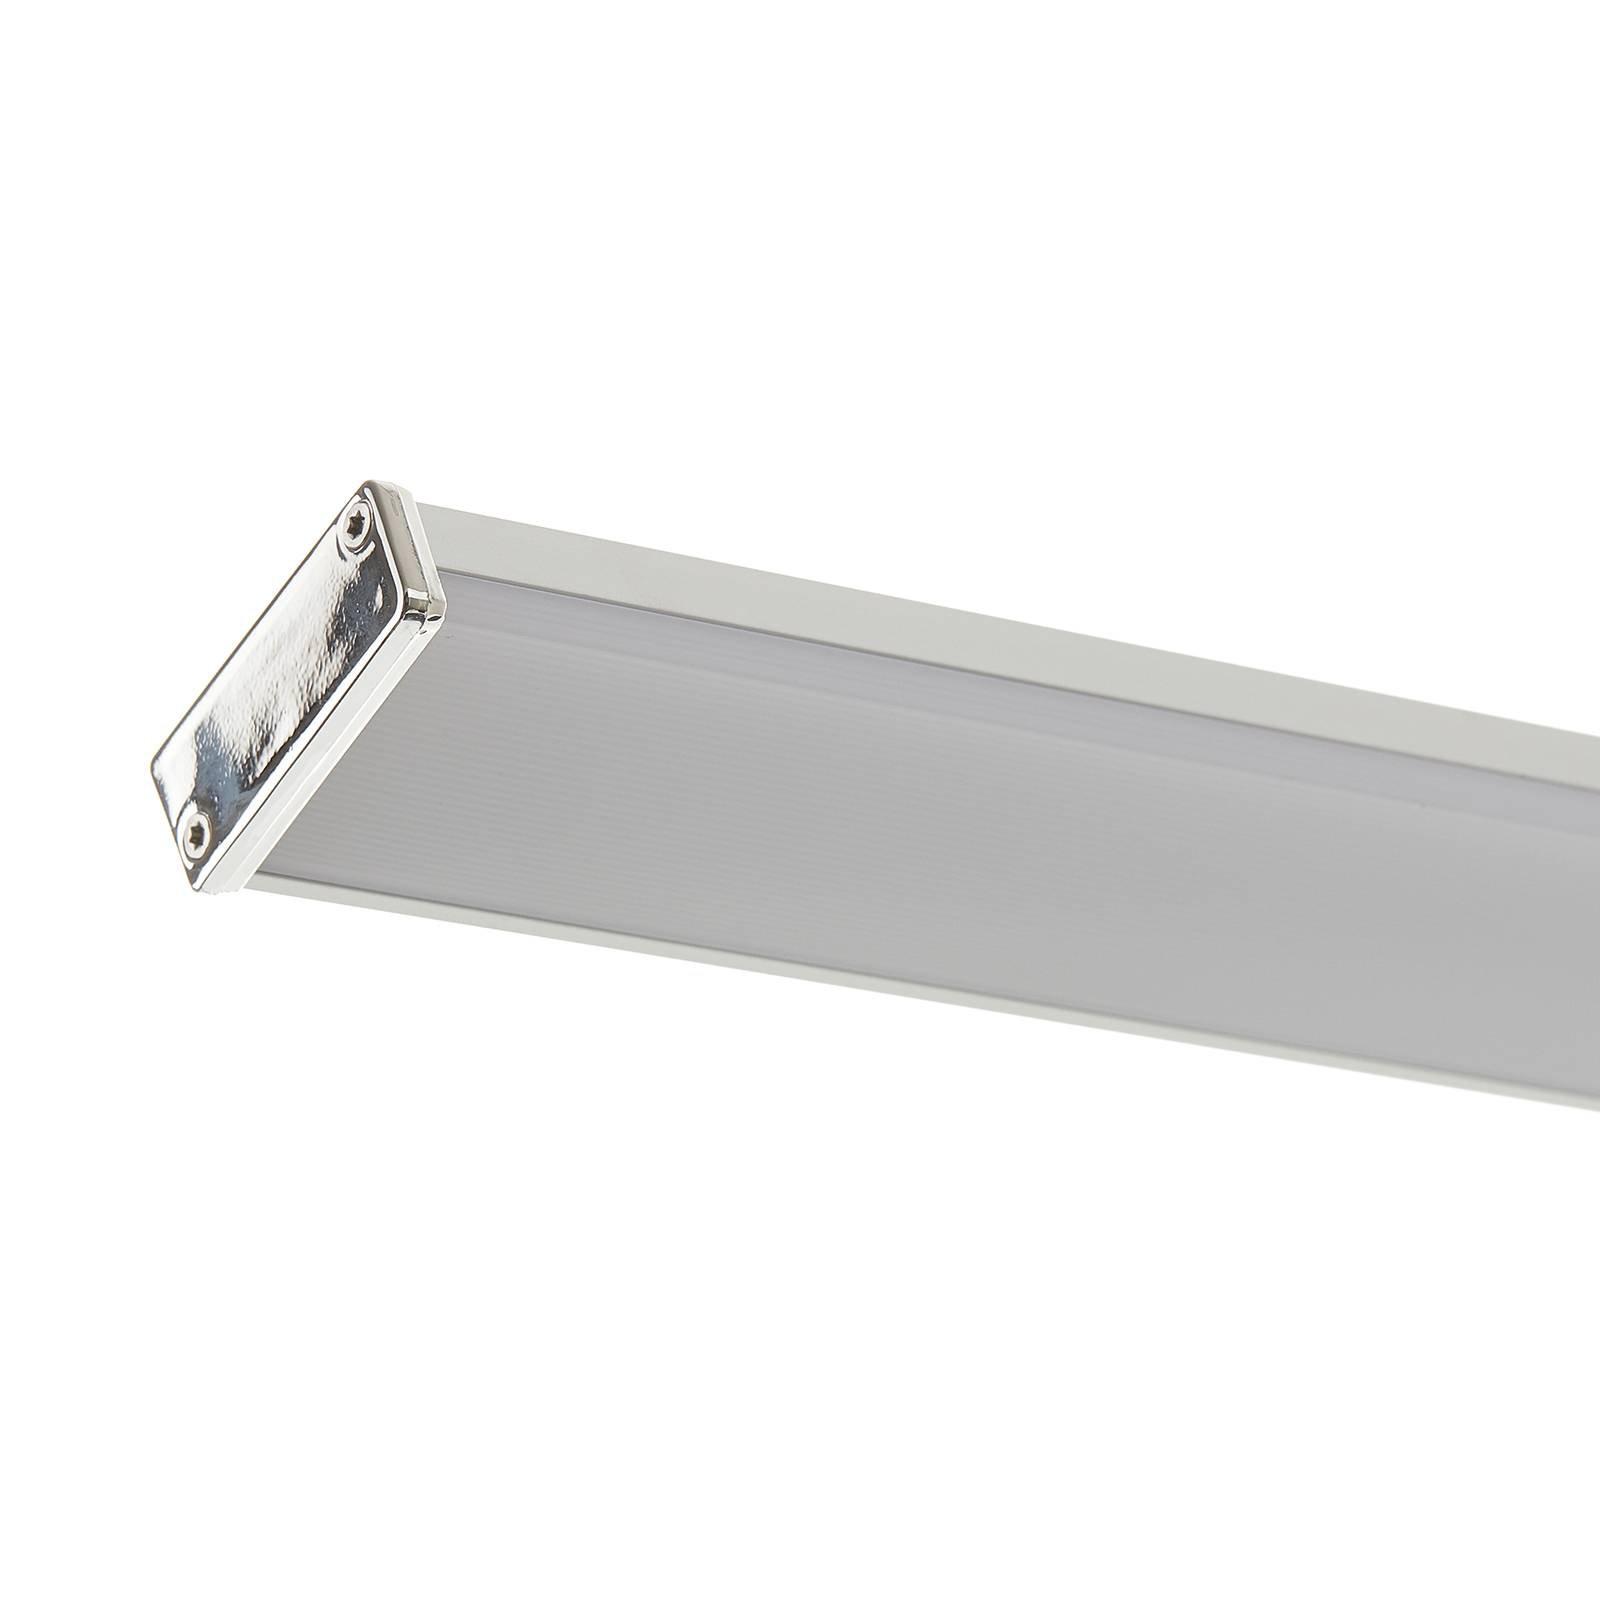 Lucande Pamela LED-speillampe krom 90 cm